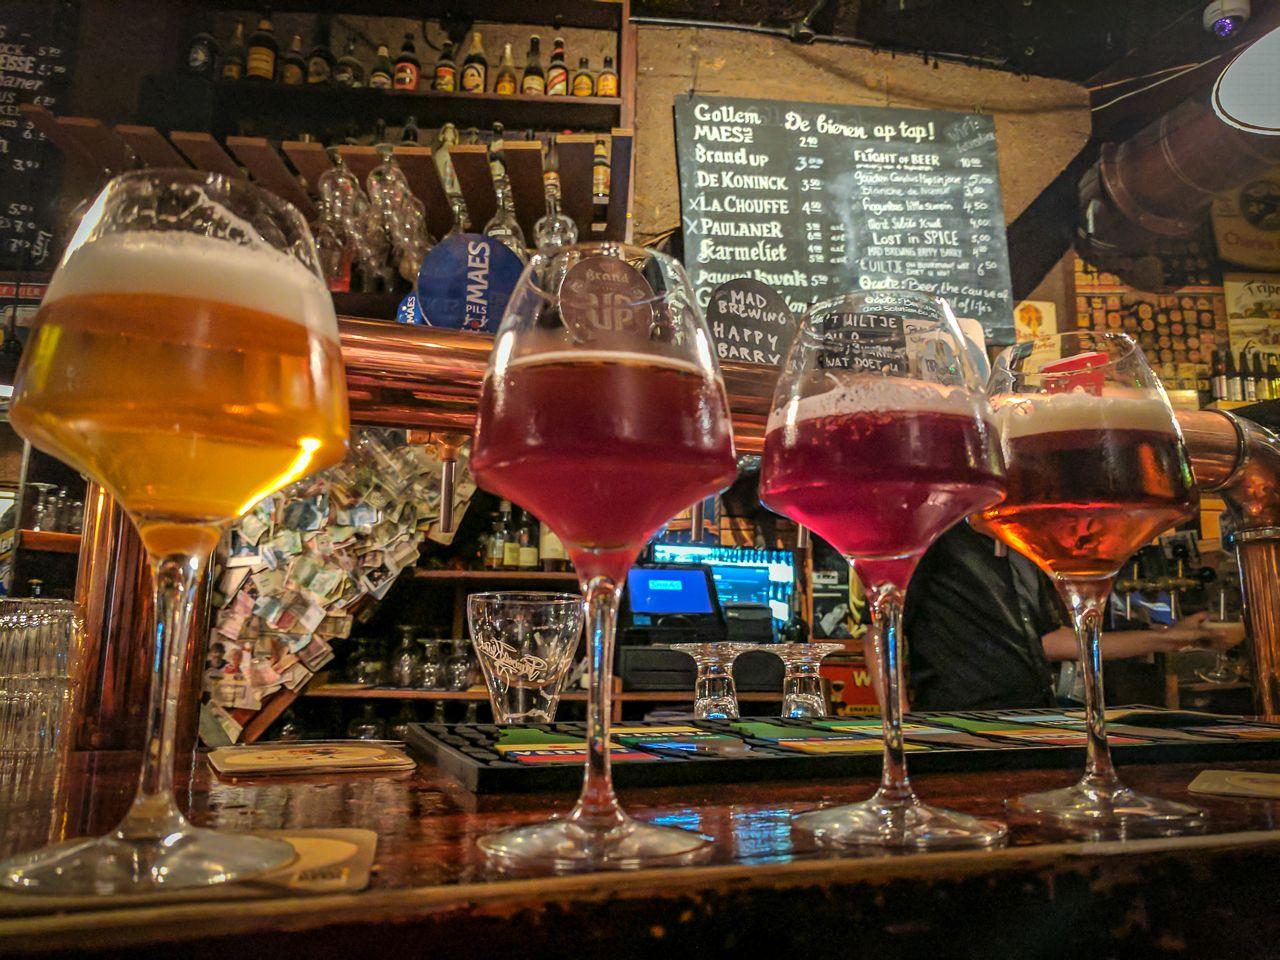 Top Craft Beer Spots In Amsterdam Murphysdoamsterdam Top Craft Beers Craft Beer Beer